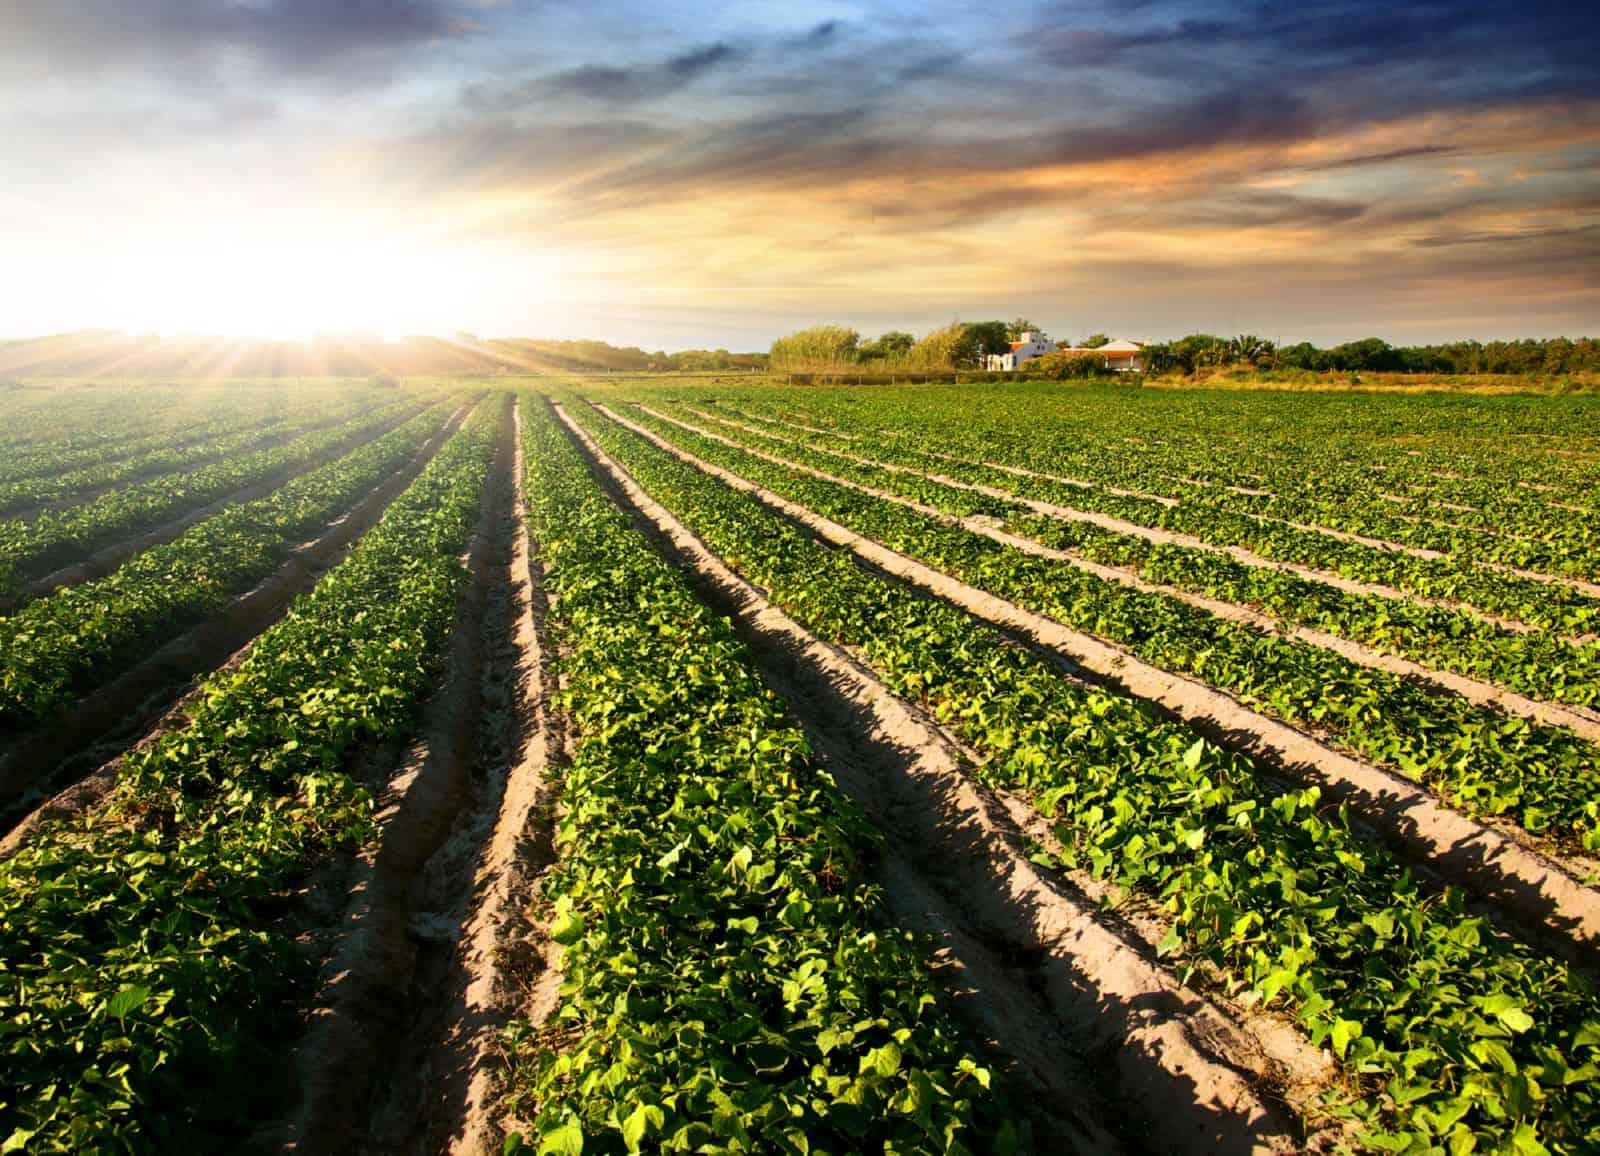 Об обороте земель сельскохозяйственного назначения (с изменениями на 1 мая 2019 года), Федеральный закон от 24 июля 2002 года №101-ФЗ